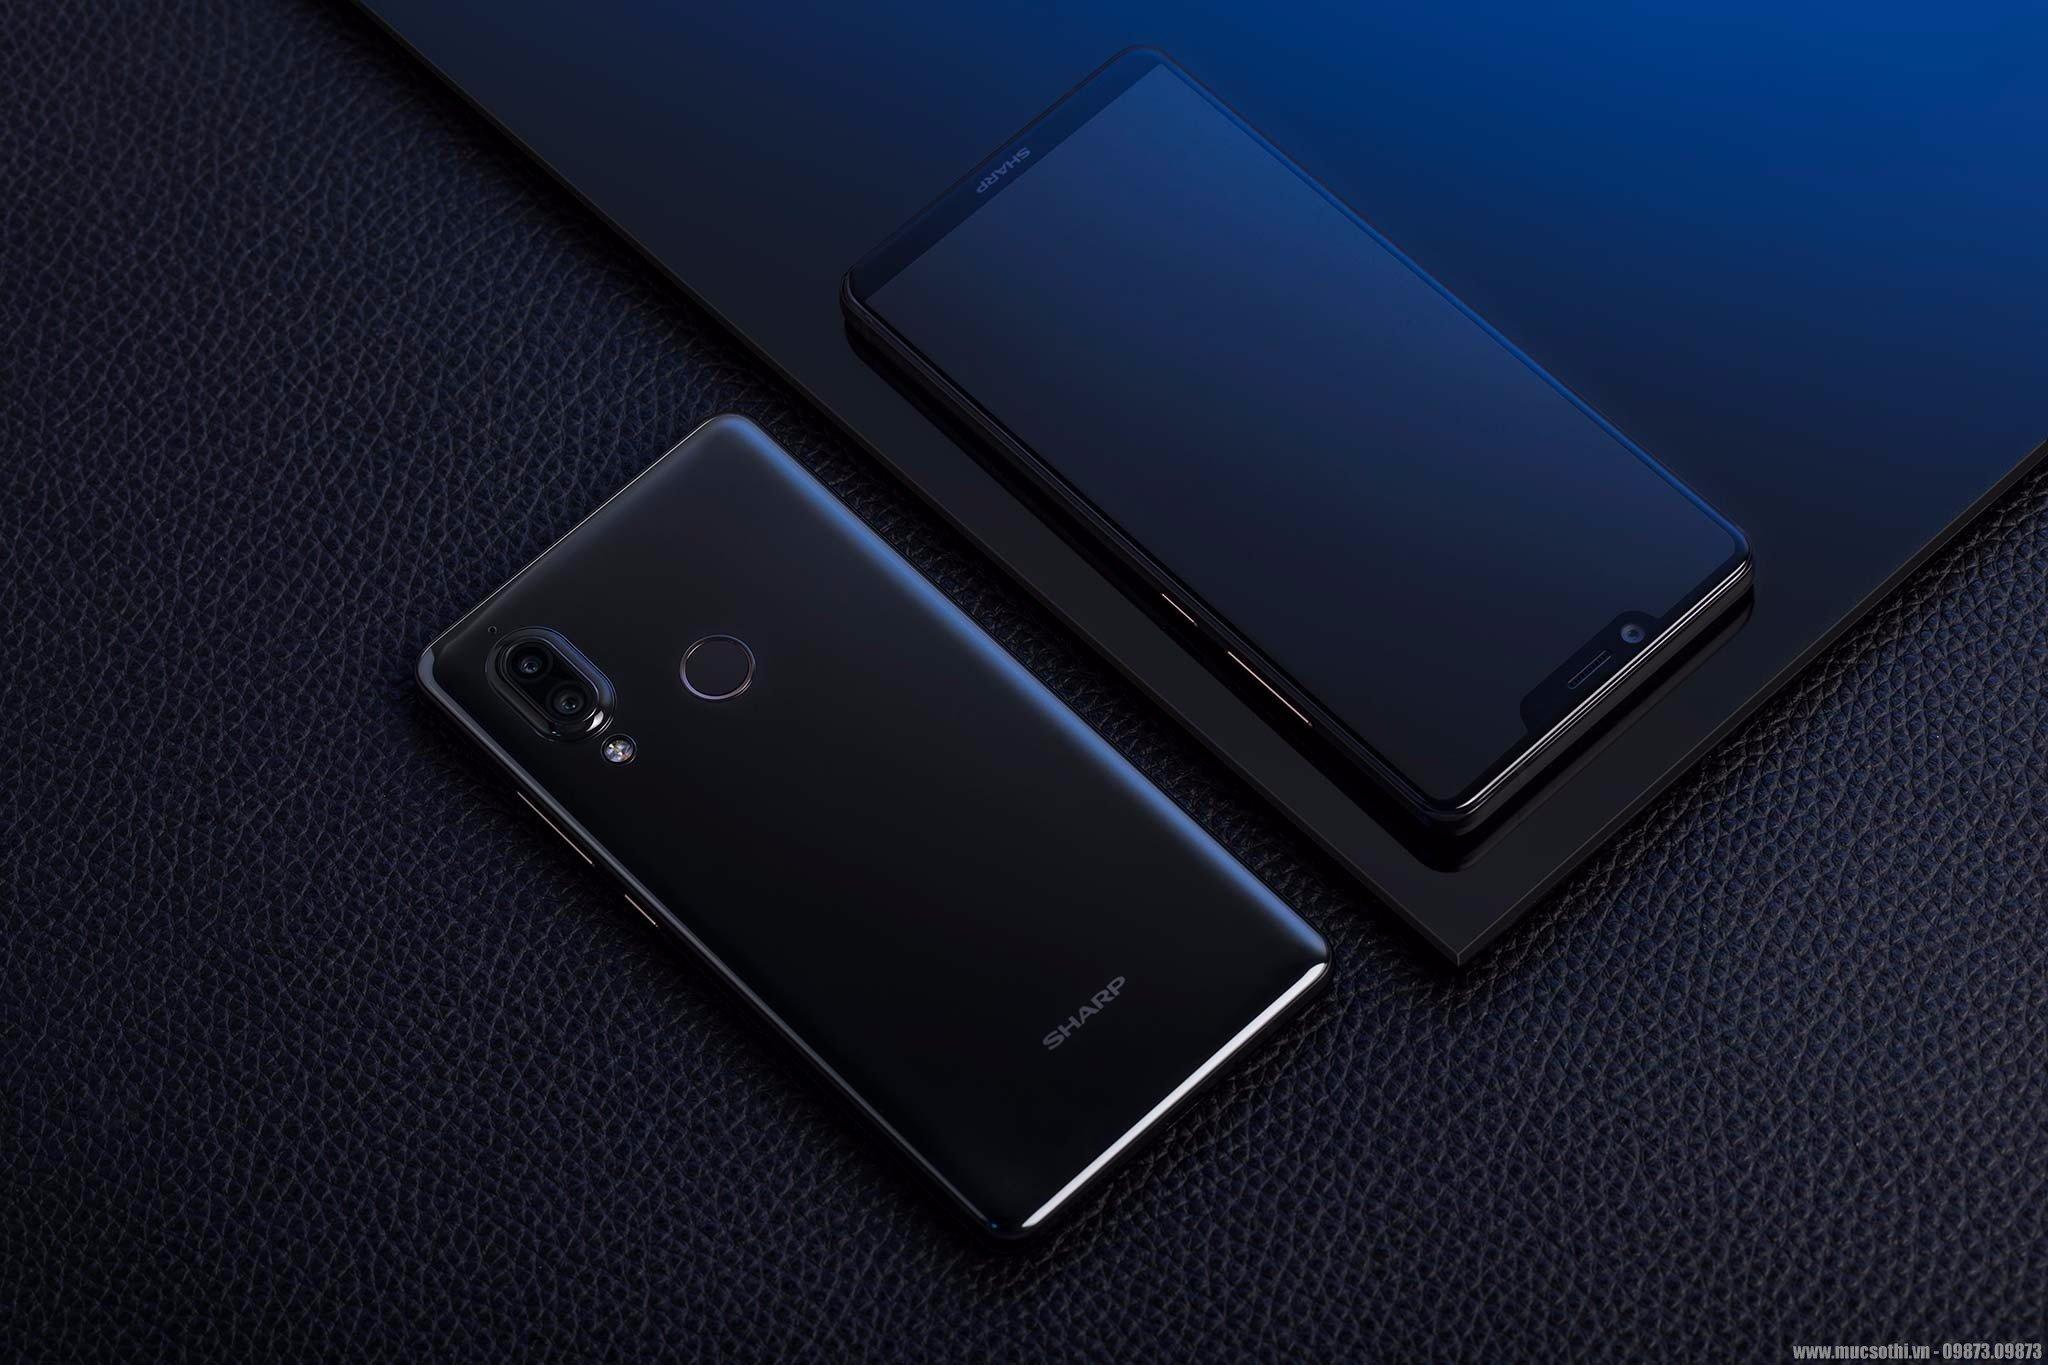 smartphonestore.vn - bán lẻ giá sỉ, online giá tốt điện thoại sharp aquos s3 chính hãng - 09175.09195